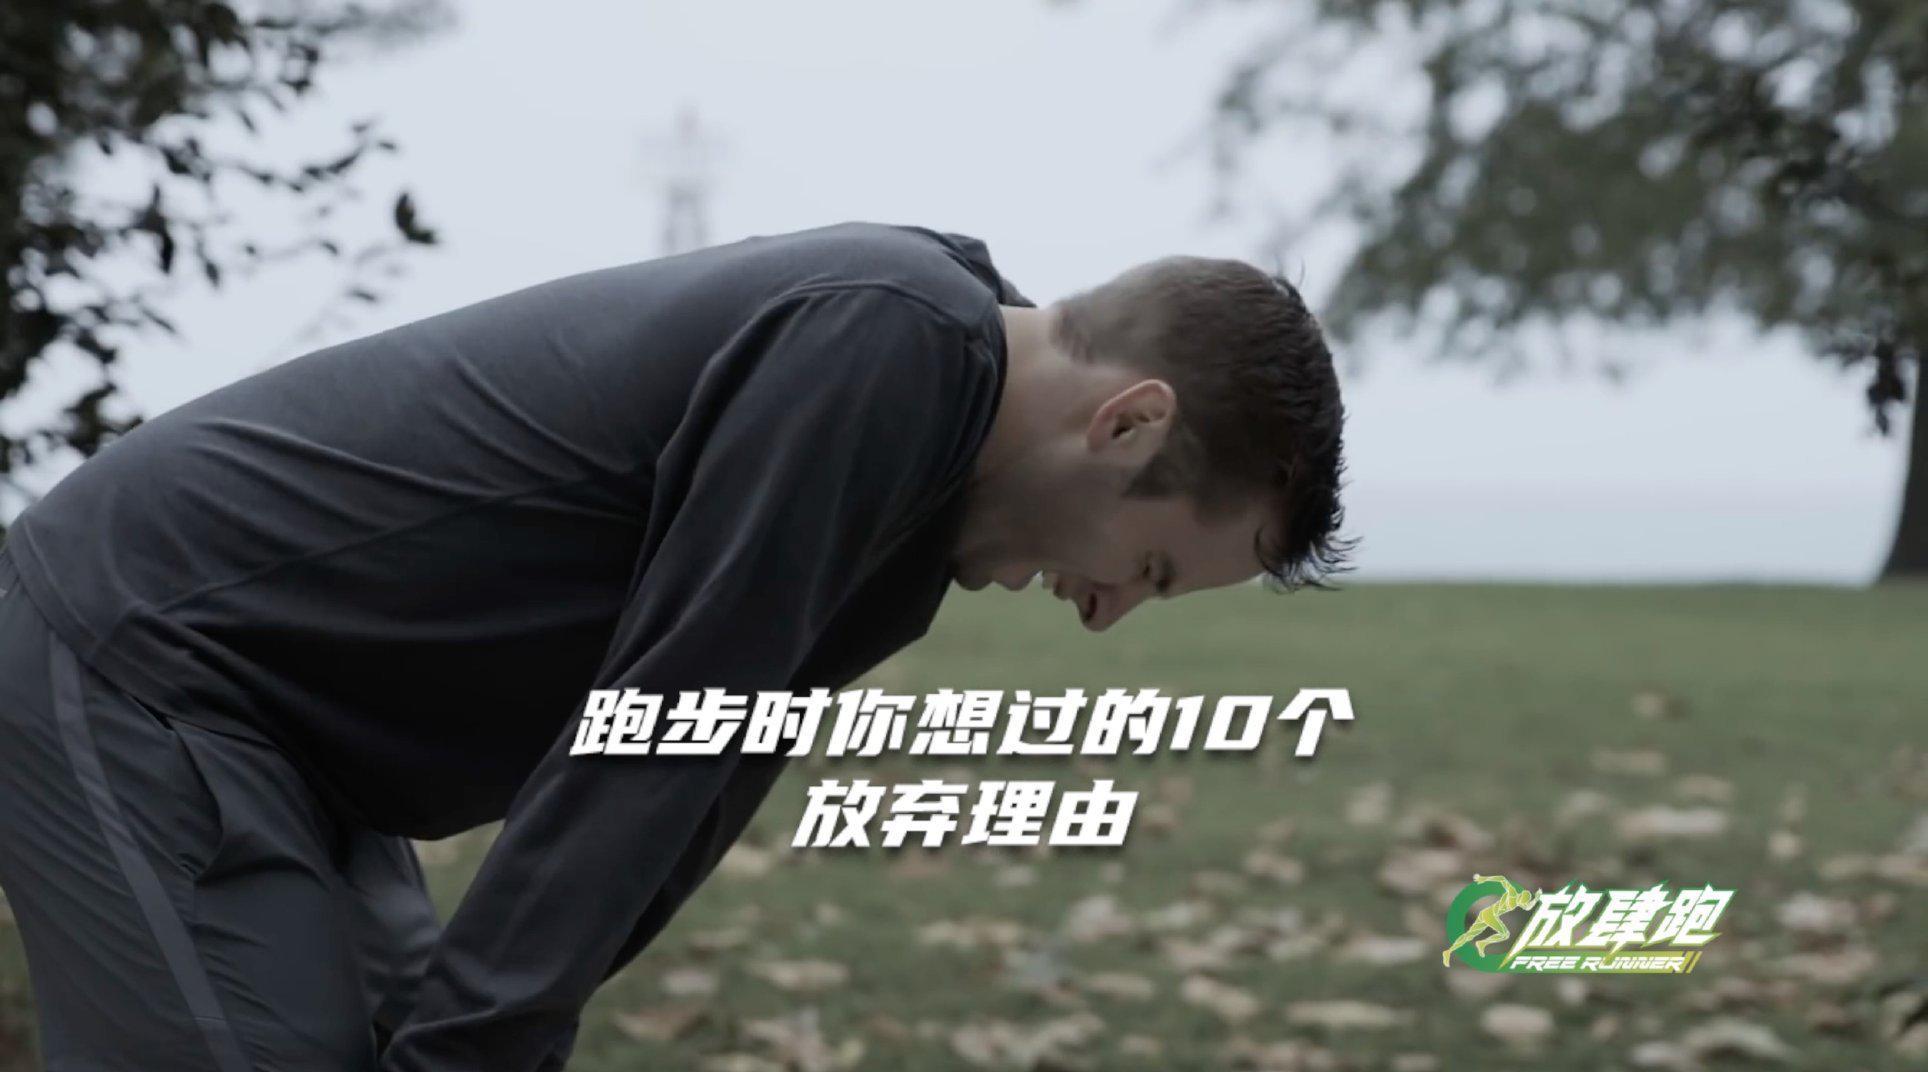 看完倍儿酸爽! 10个跑步让人想放弃的理由 @新浪跑步